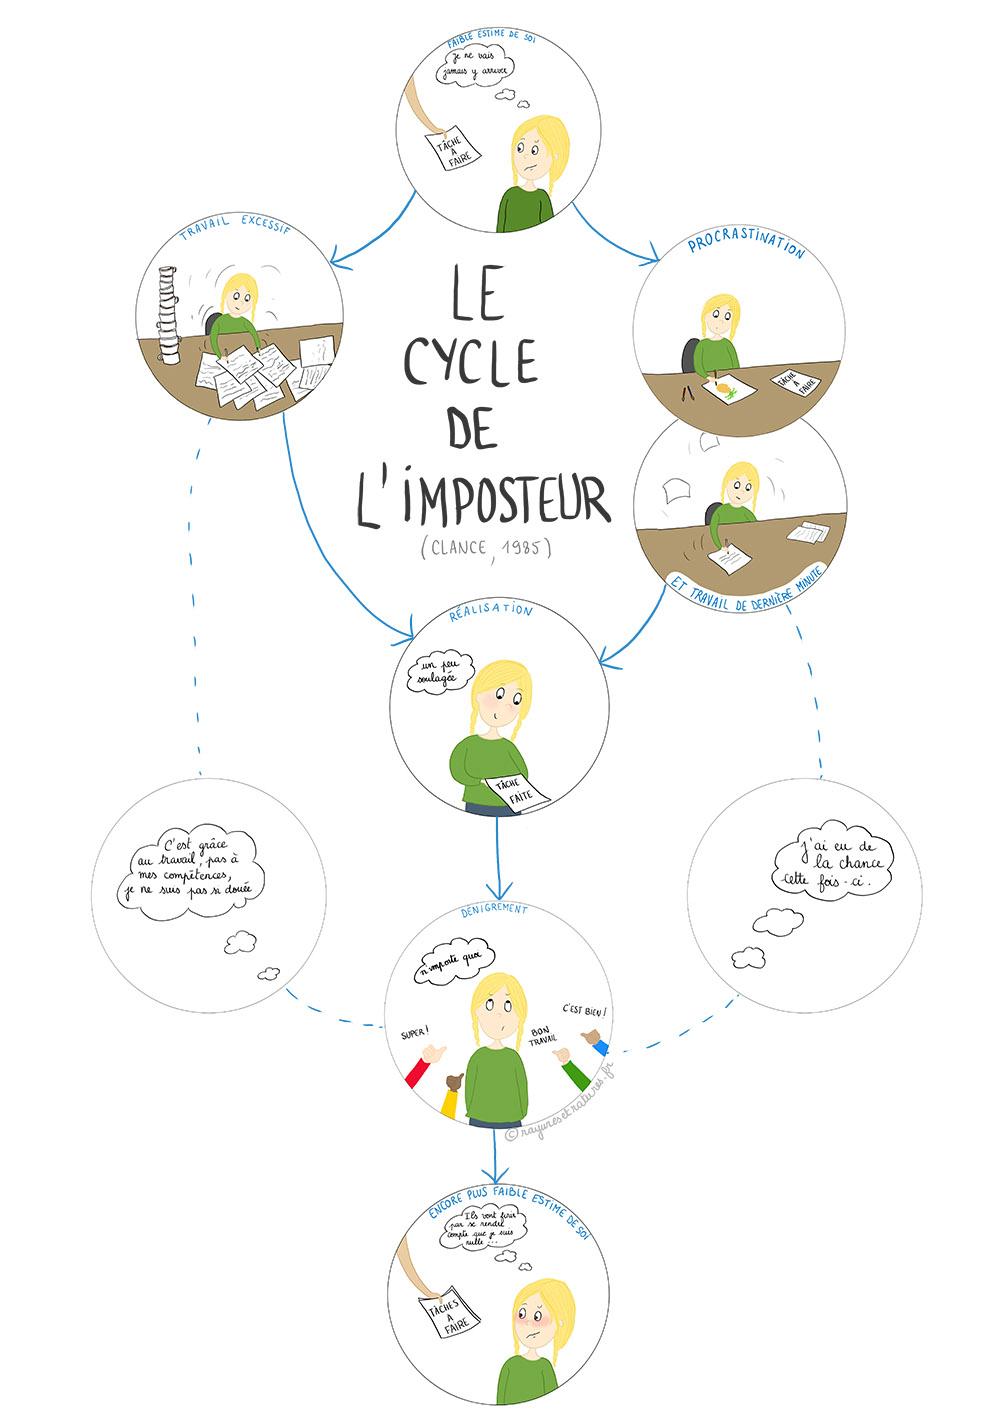 illustration cycle de l'imposteur - syndrome de l'imposteur - clance pauline